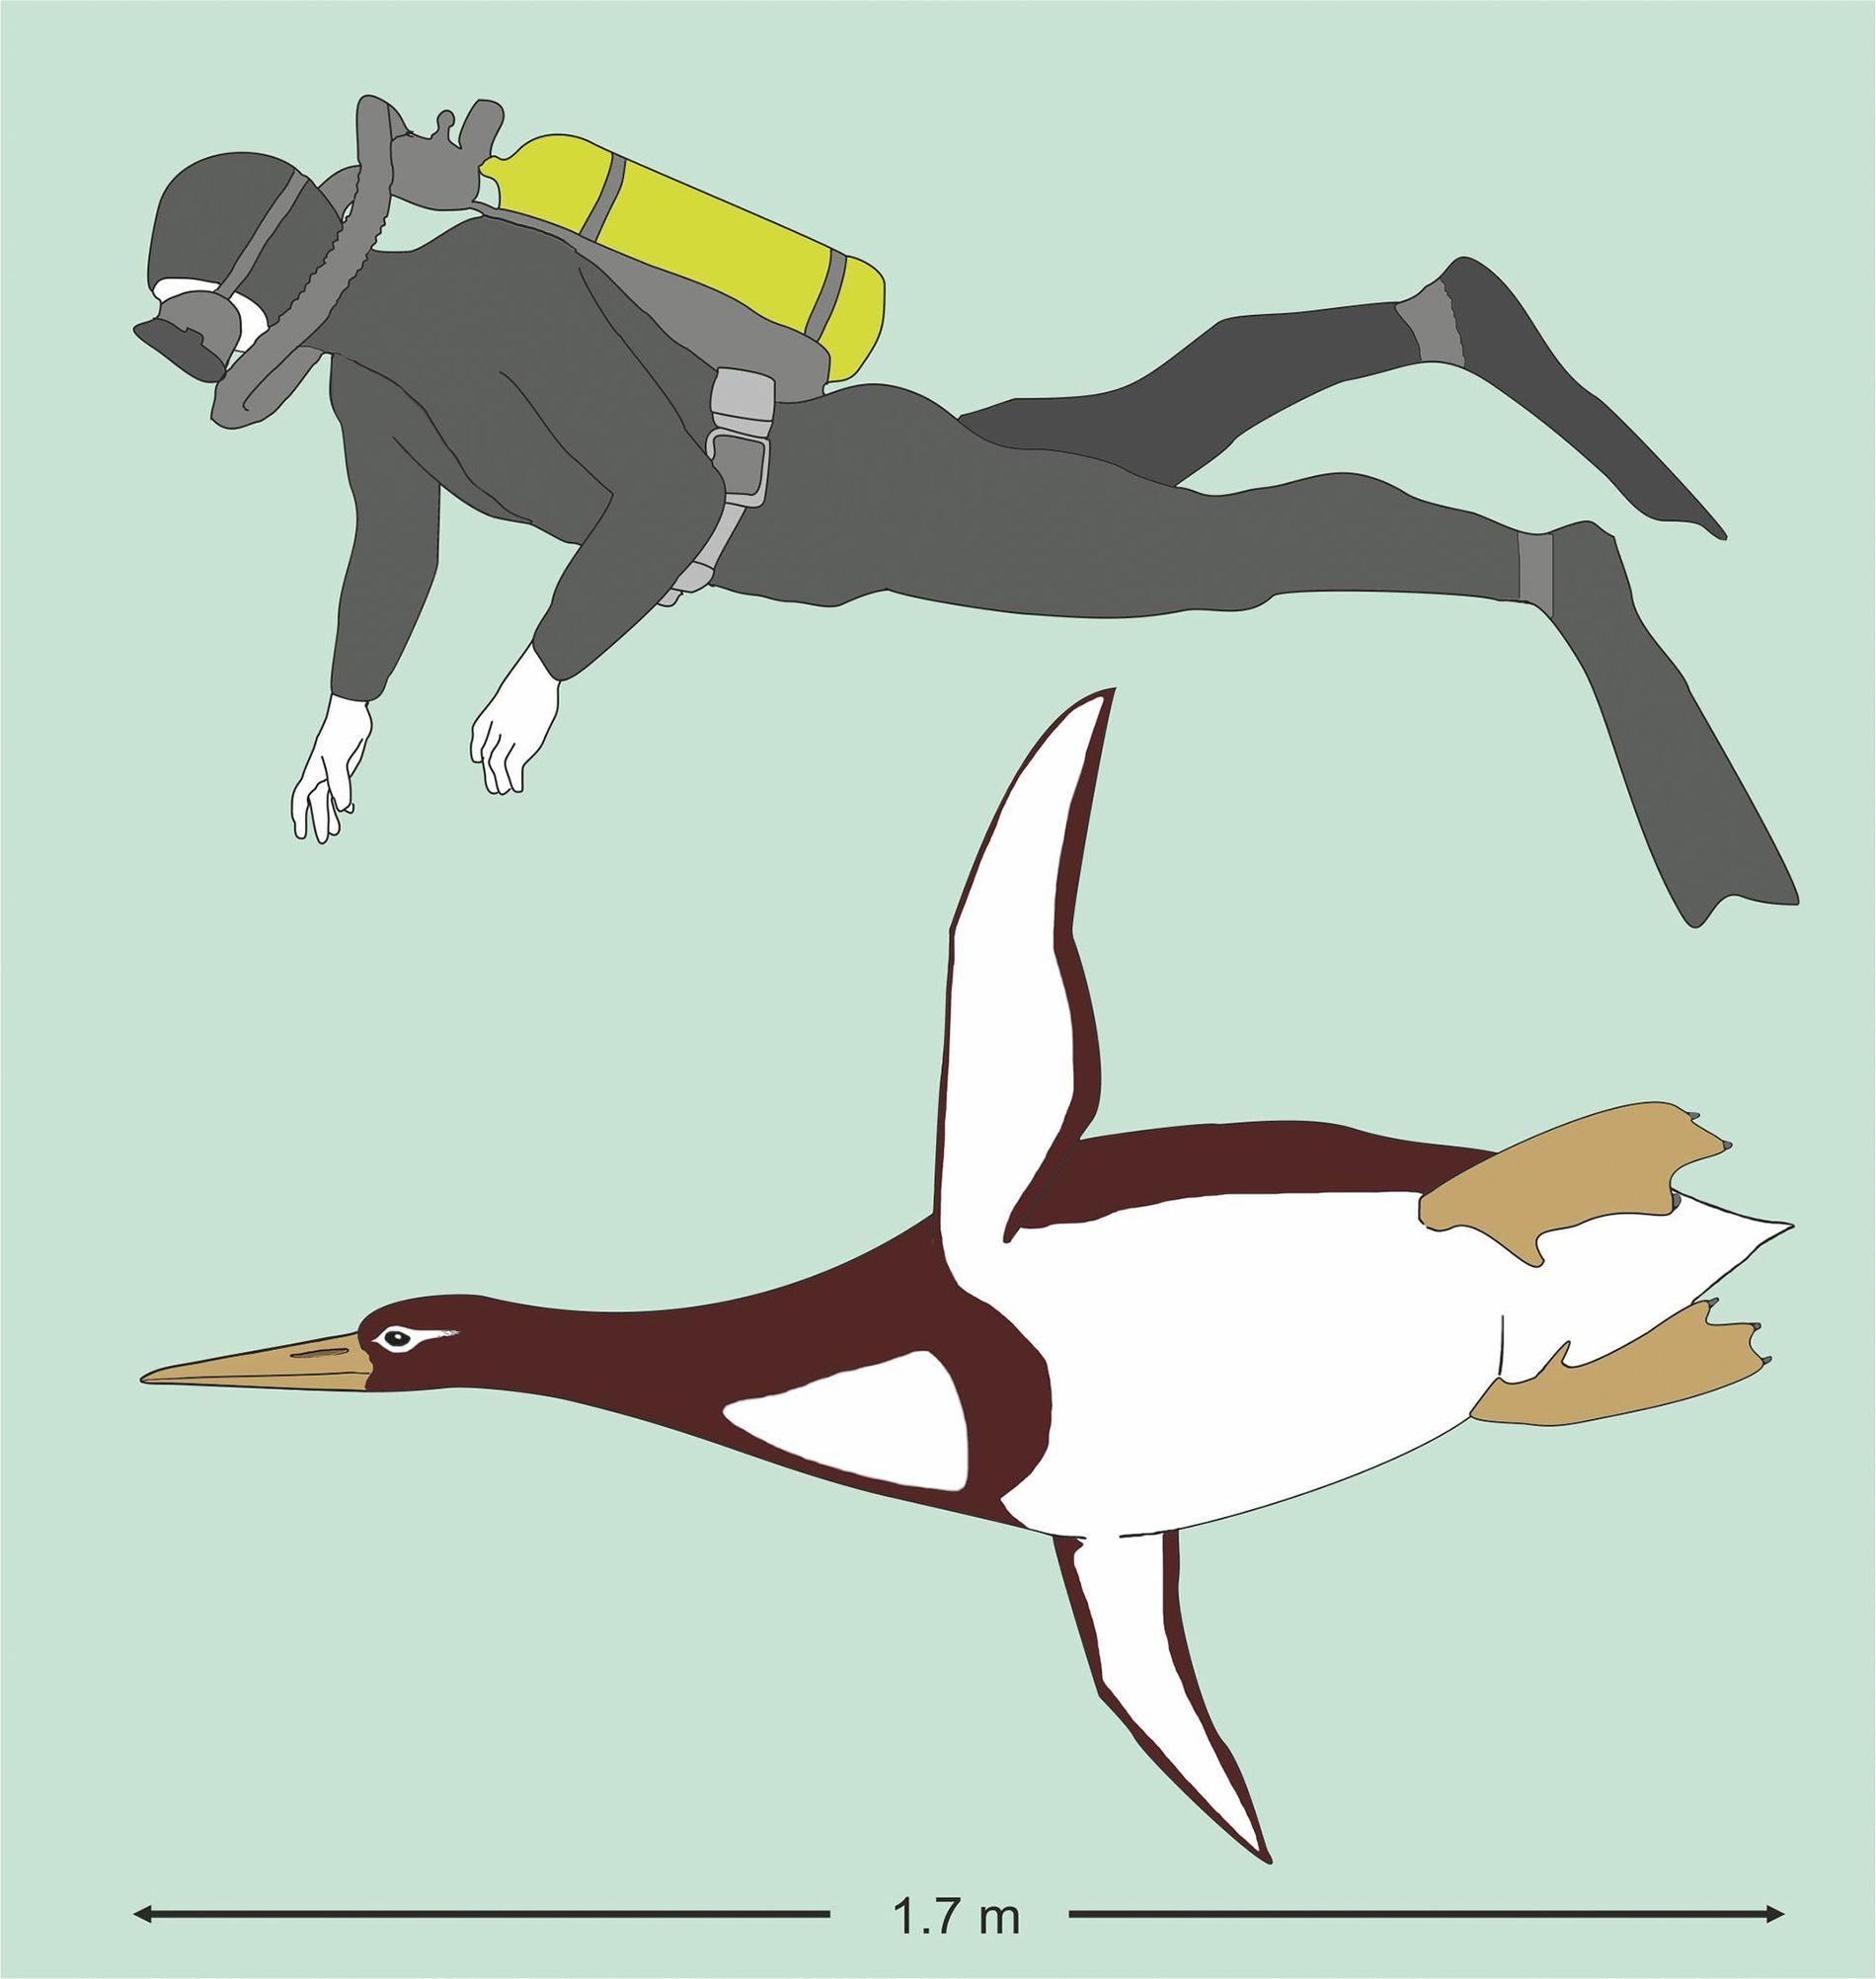 Reconstrução artística da Kumimanu biceae em comparação com um mergulhador humano.